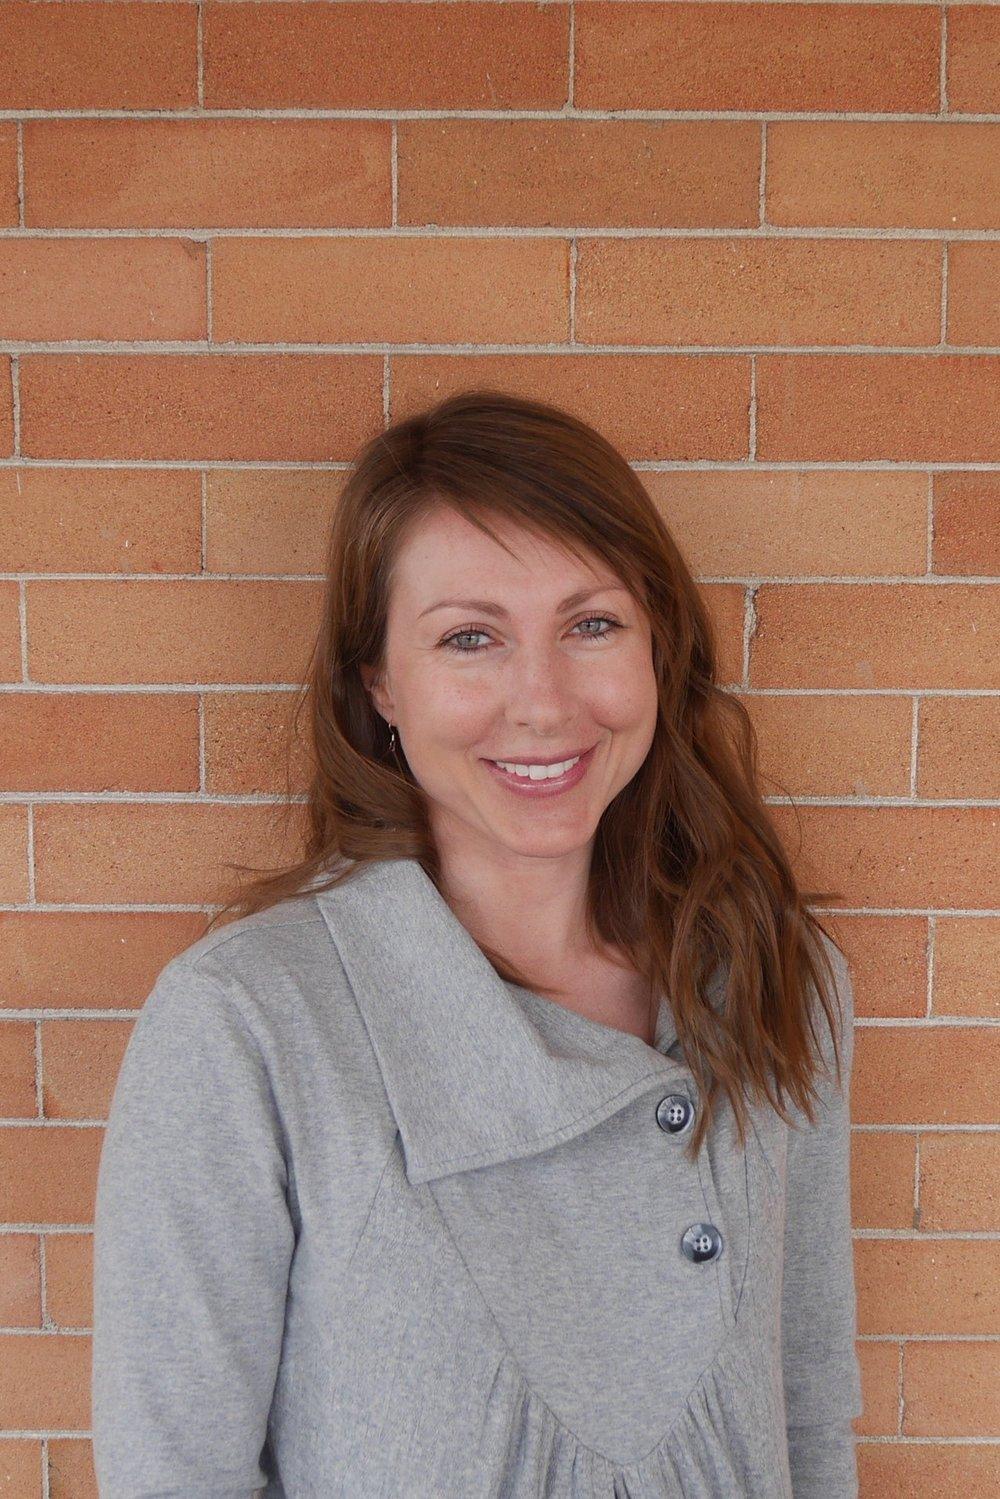 Emily Artale